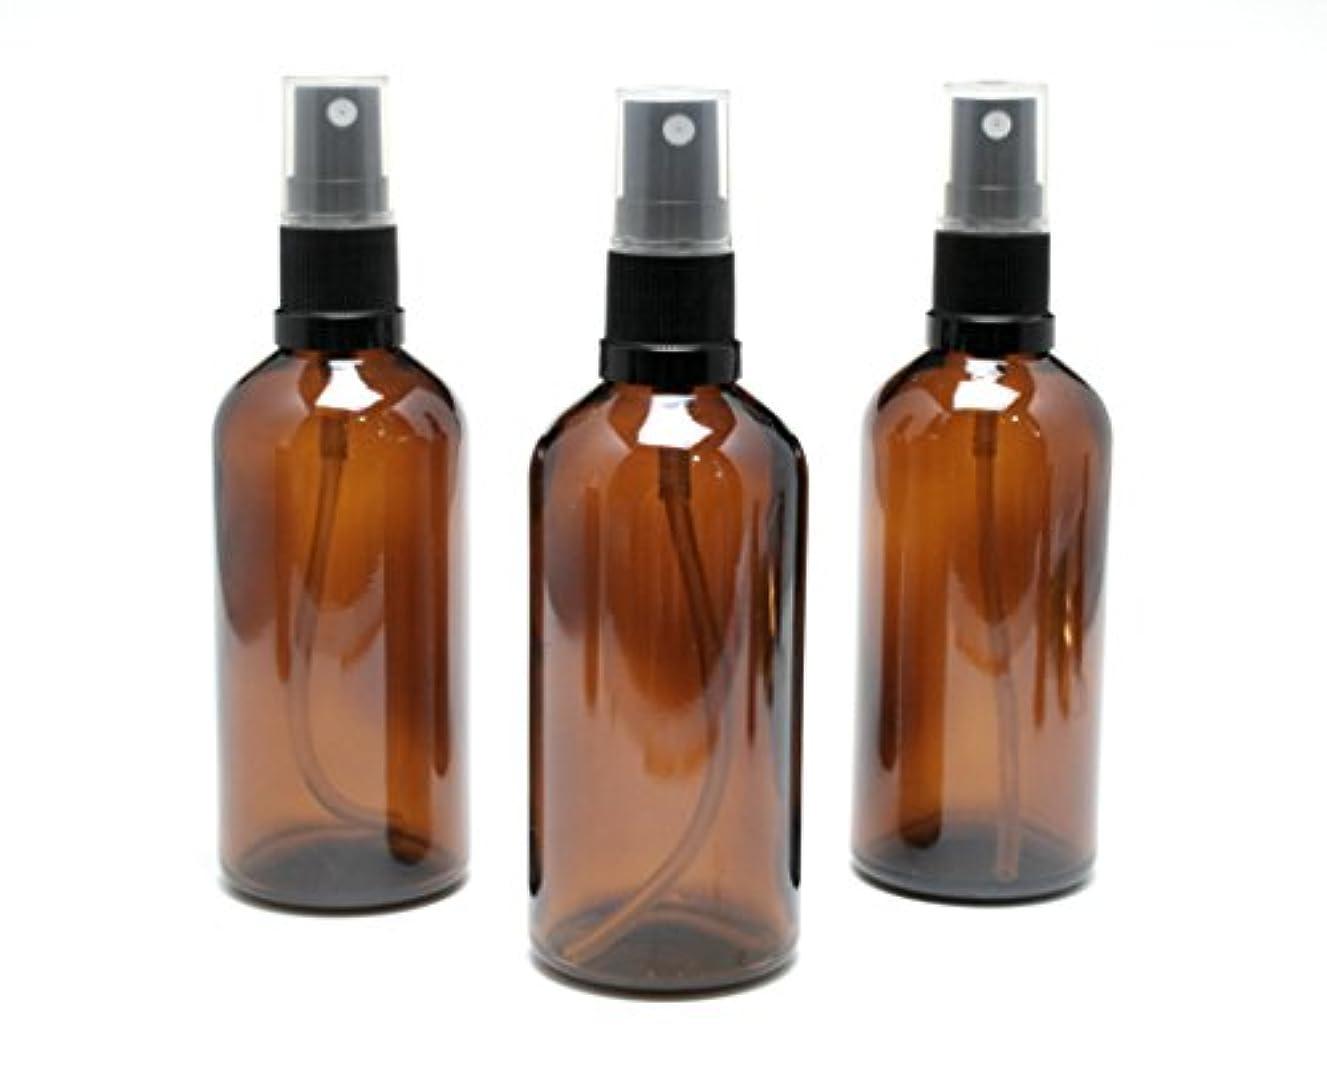 レインコートスクレーパーパトロール遮光瓶 スプレーボトル 100ml アンバー/ブラックヘッド(グラス/アトマイザー) 【新品アウトレット商品 】 (1) 3本セット)